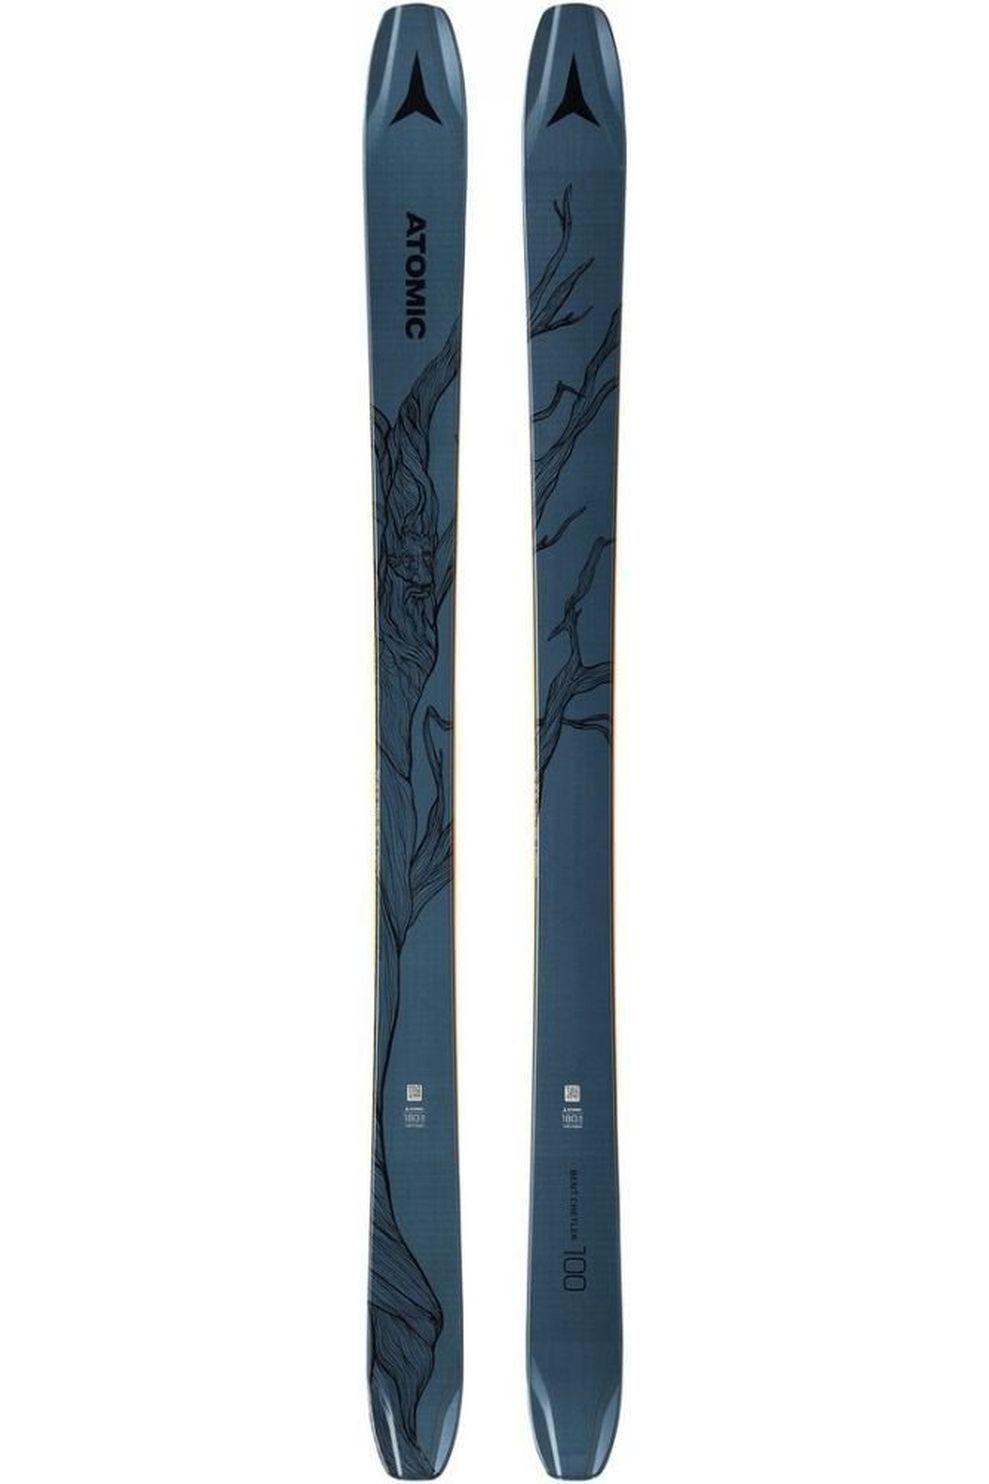 Atomic Ski Bent Chetler 100 + Warden Mnc11Dt - Blauw - Maat: 172